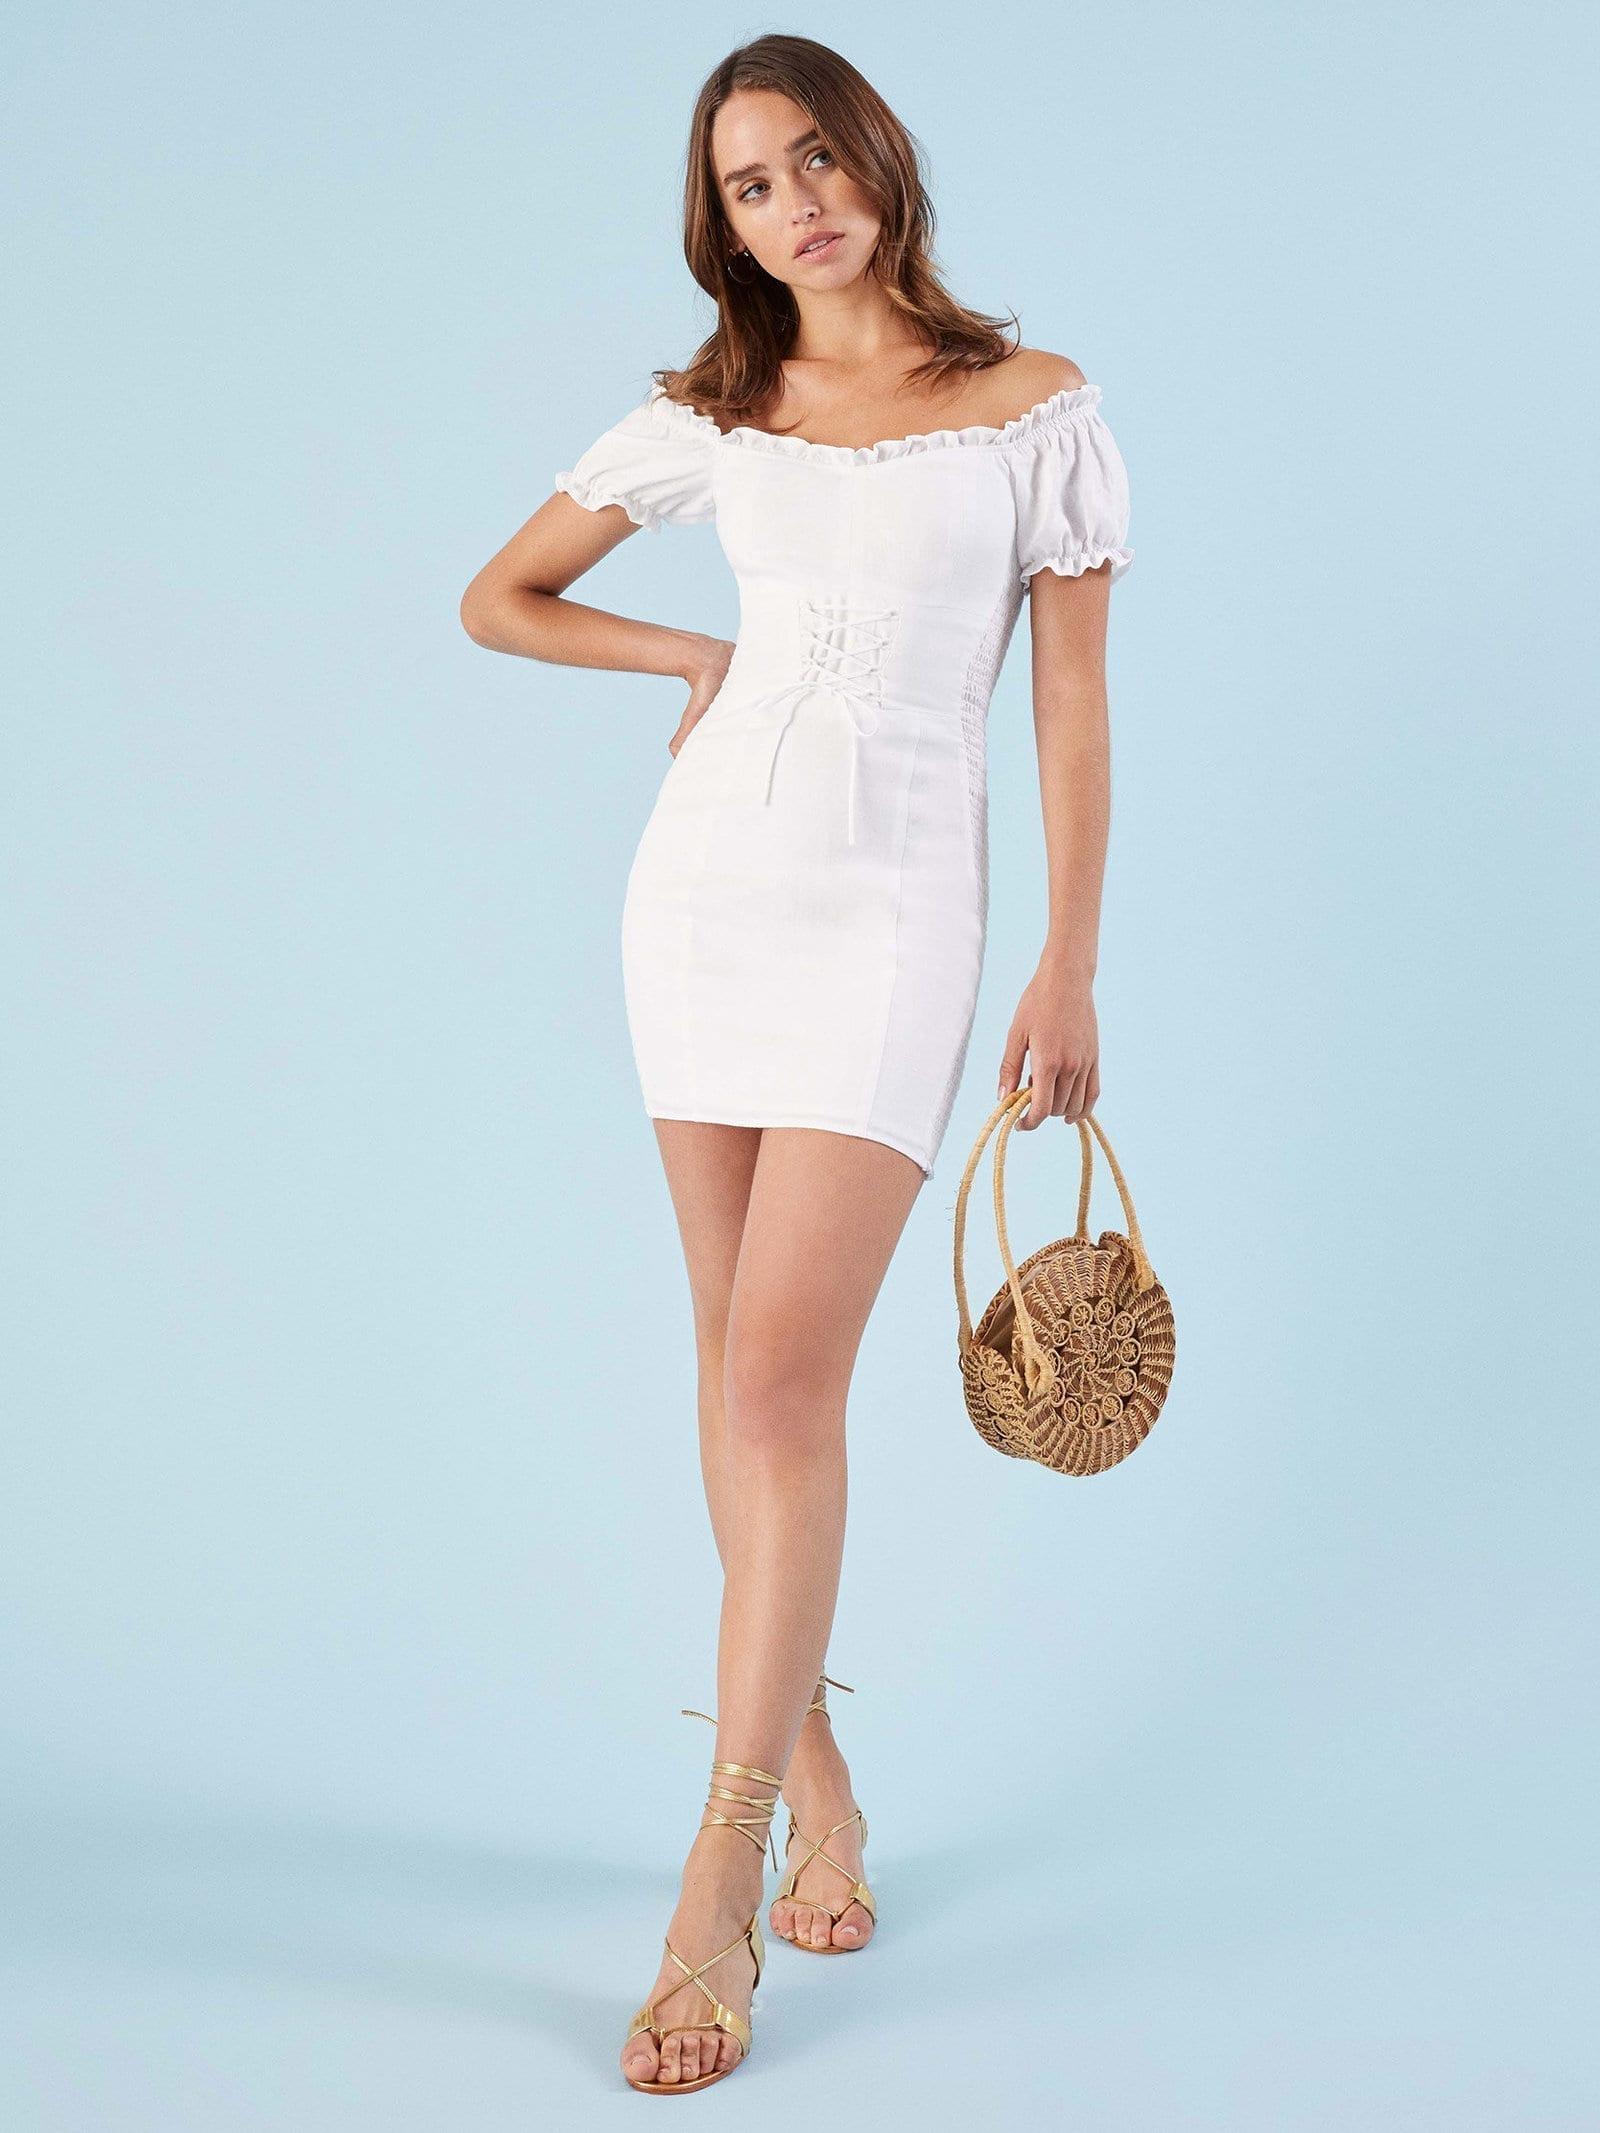 REFORMATION Miami White Dress